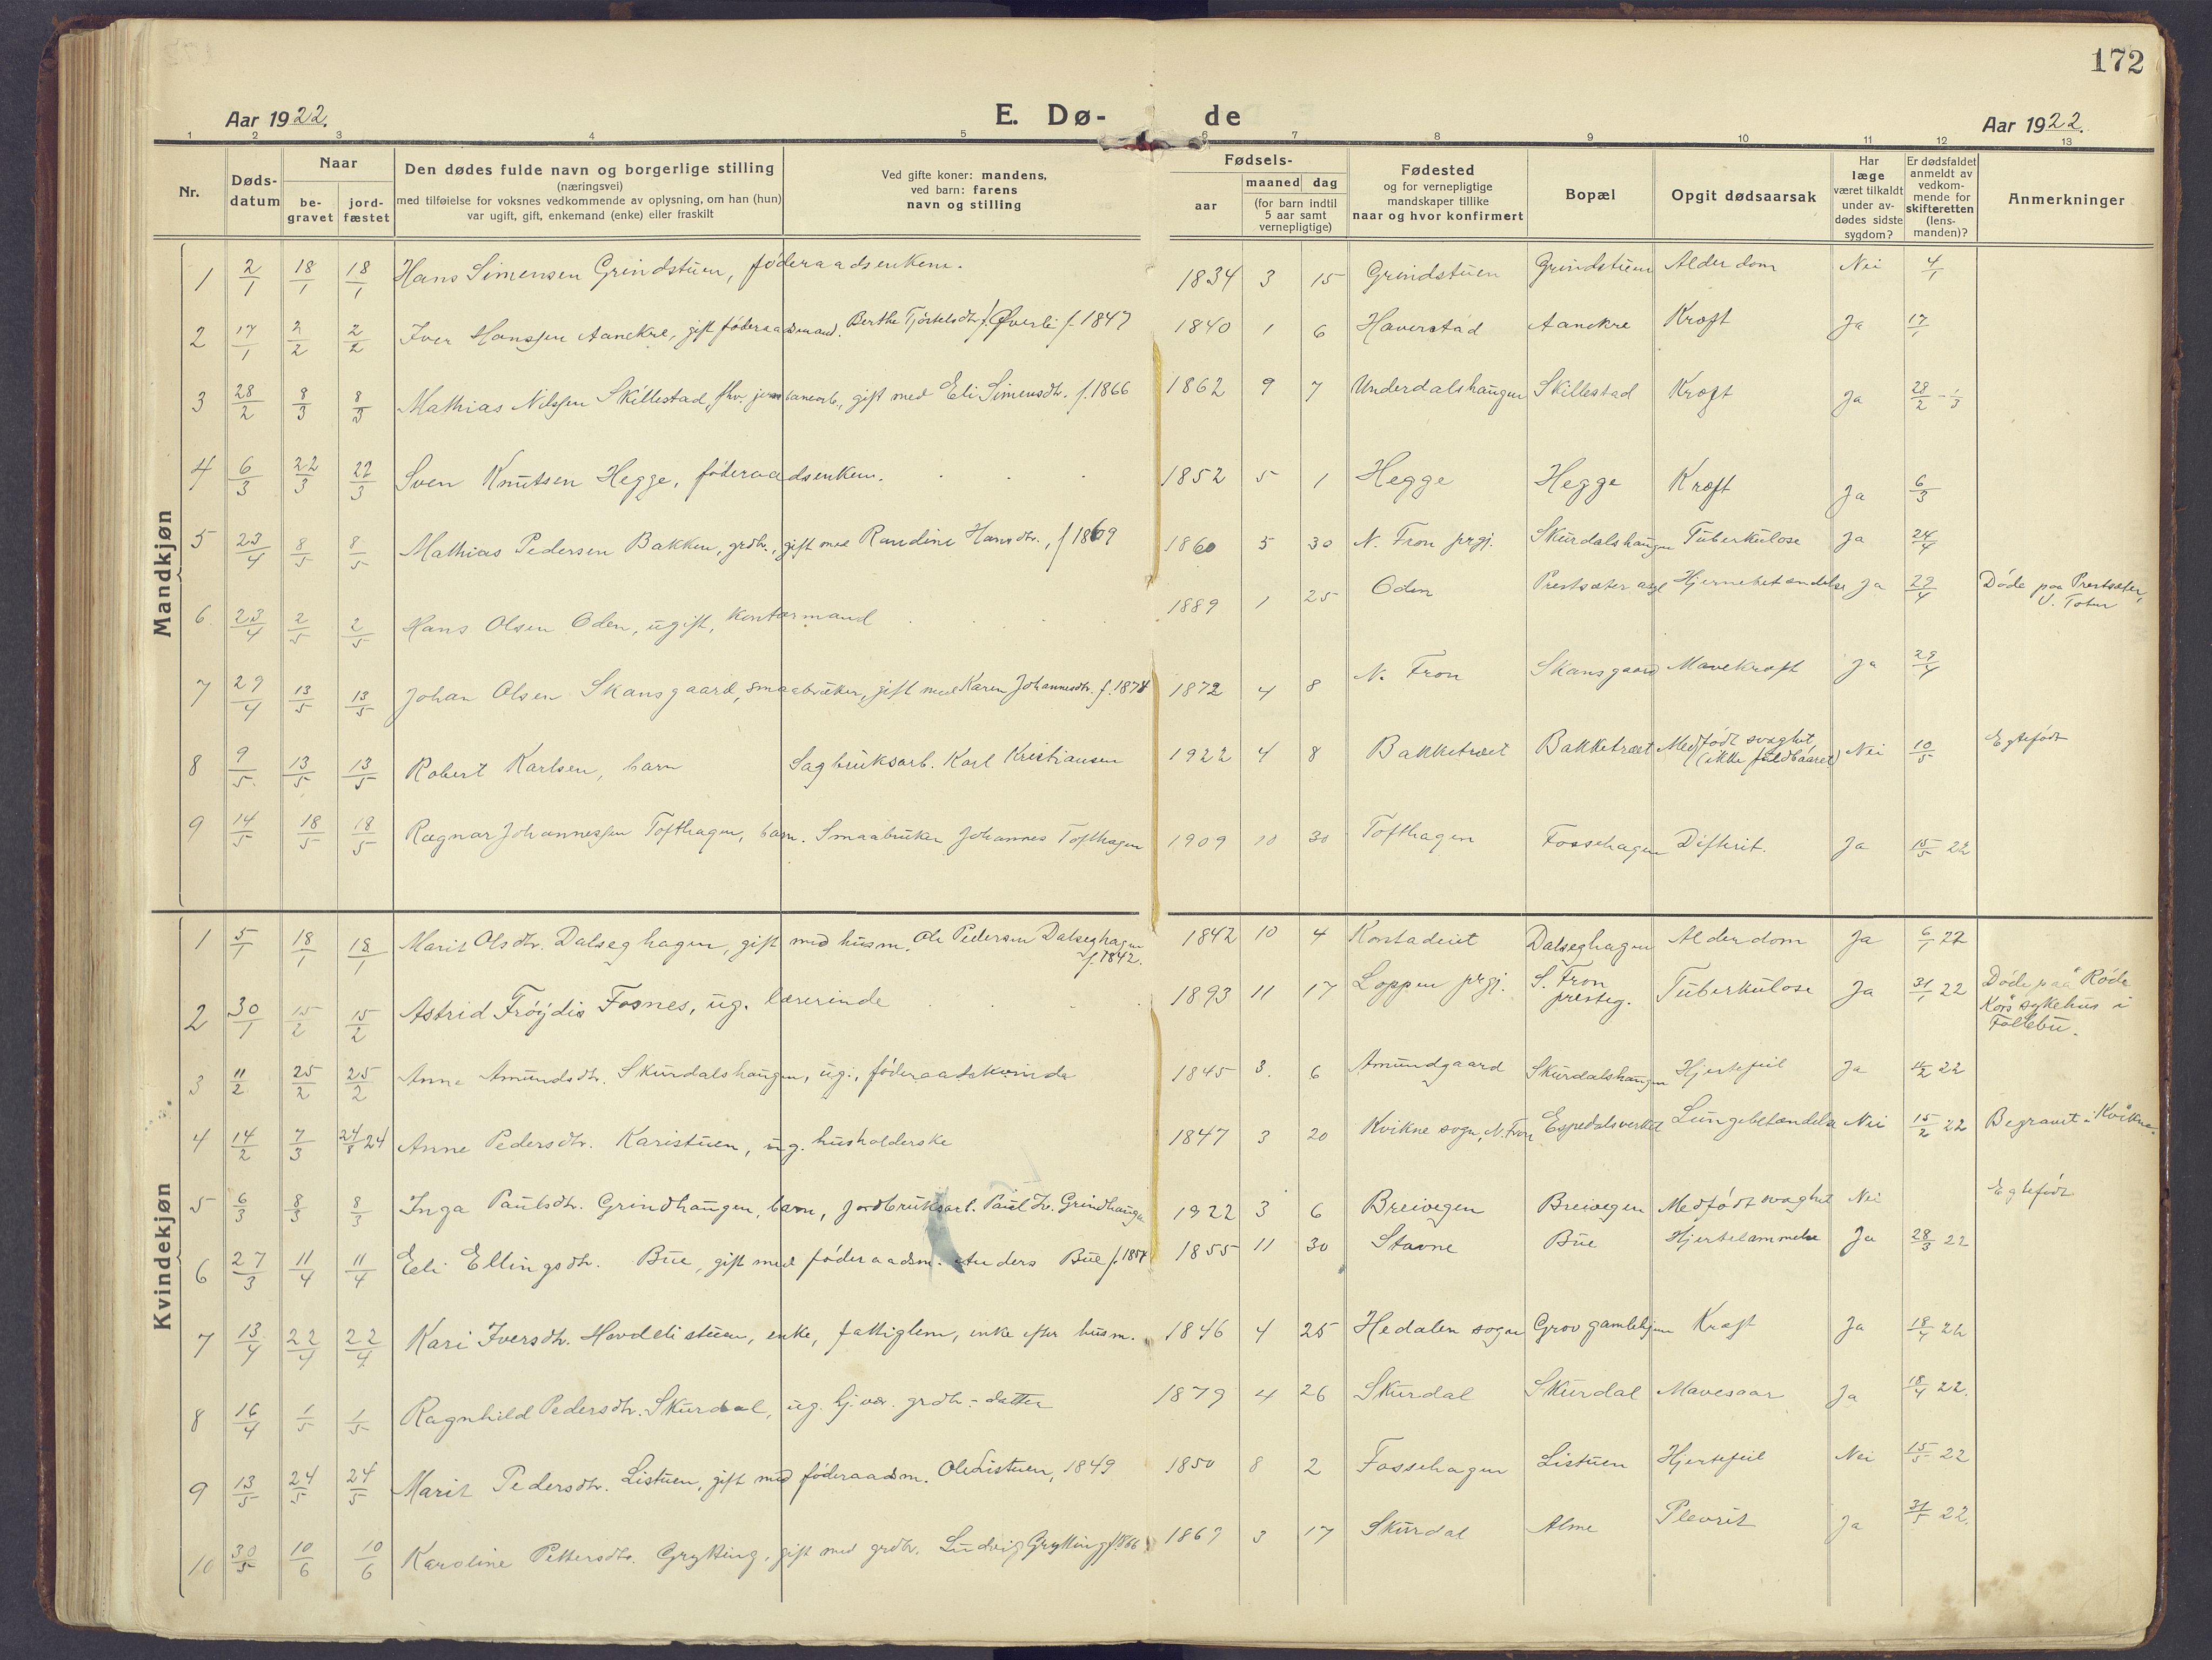 SAH, Sør-Fron prestekontor, H/Ha/Haa/L0005: Ministerialbok nr. 5, 1920-1933, s. 172